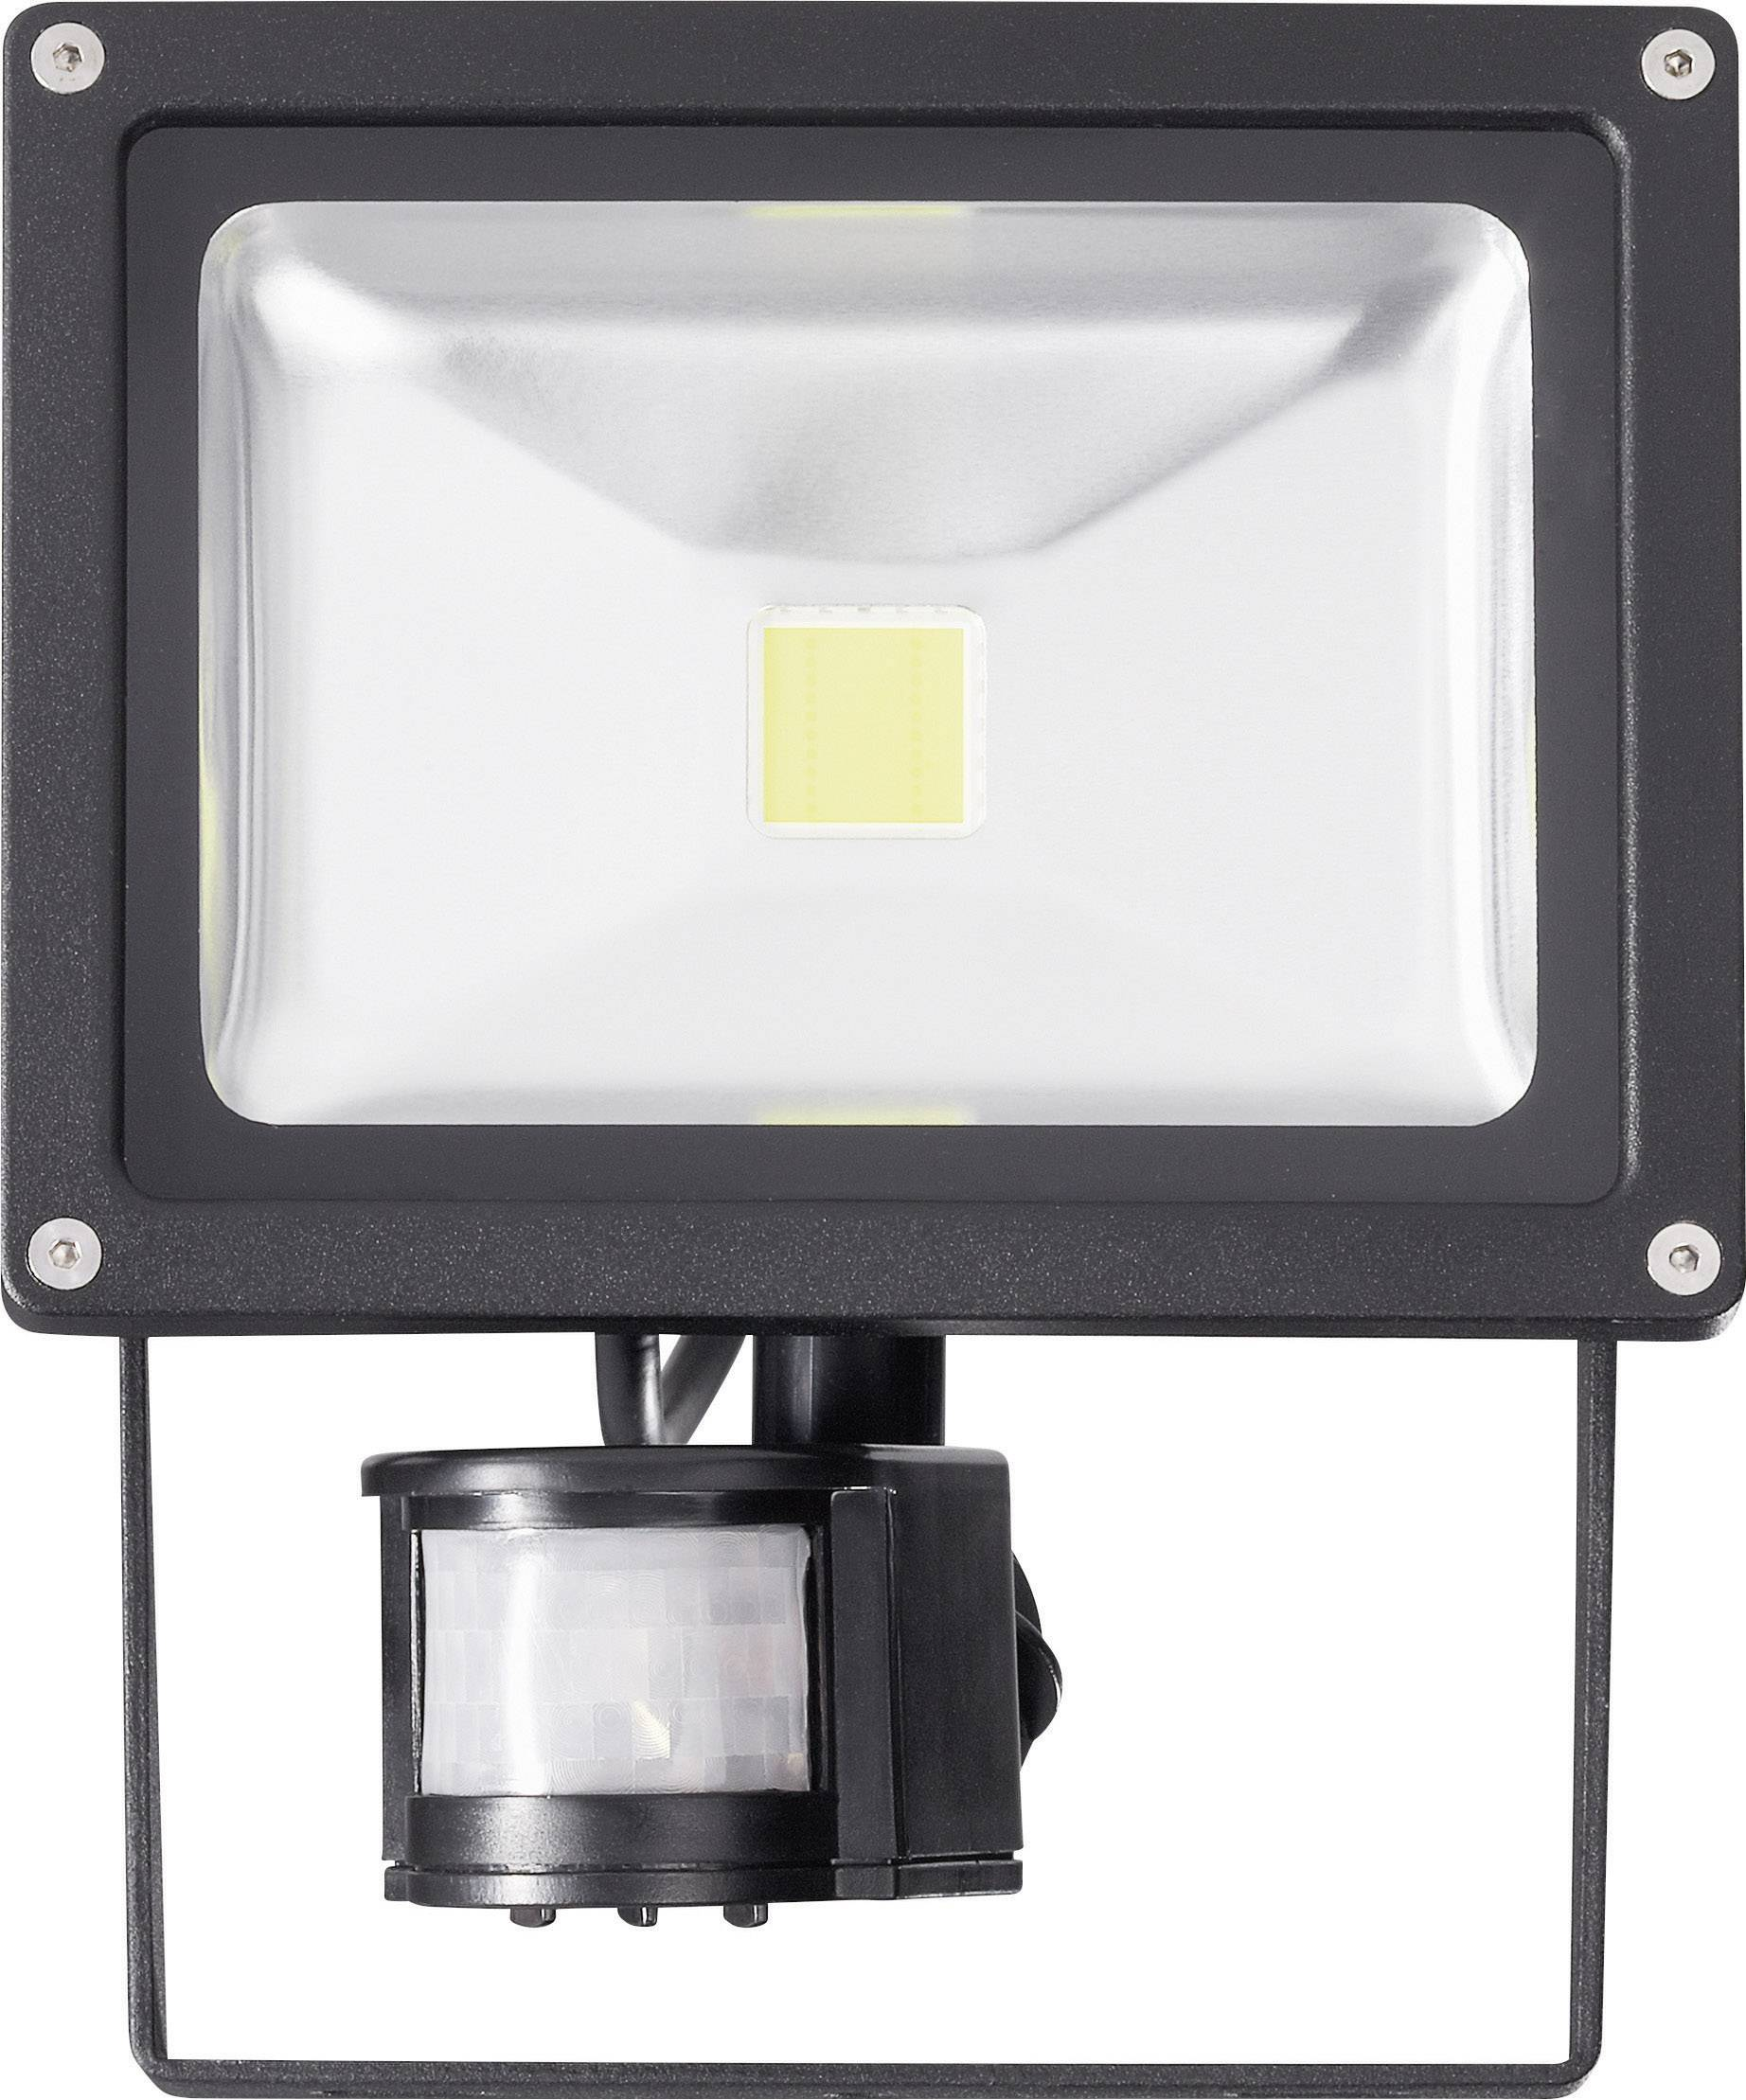 Buitenlamp Met Sensor Gamma.Buiten Ledlamp Met Sensor Gamma Buitenverlichting Op Zonne Energie